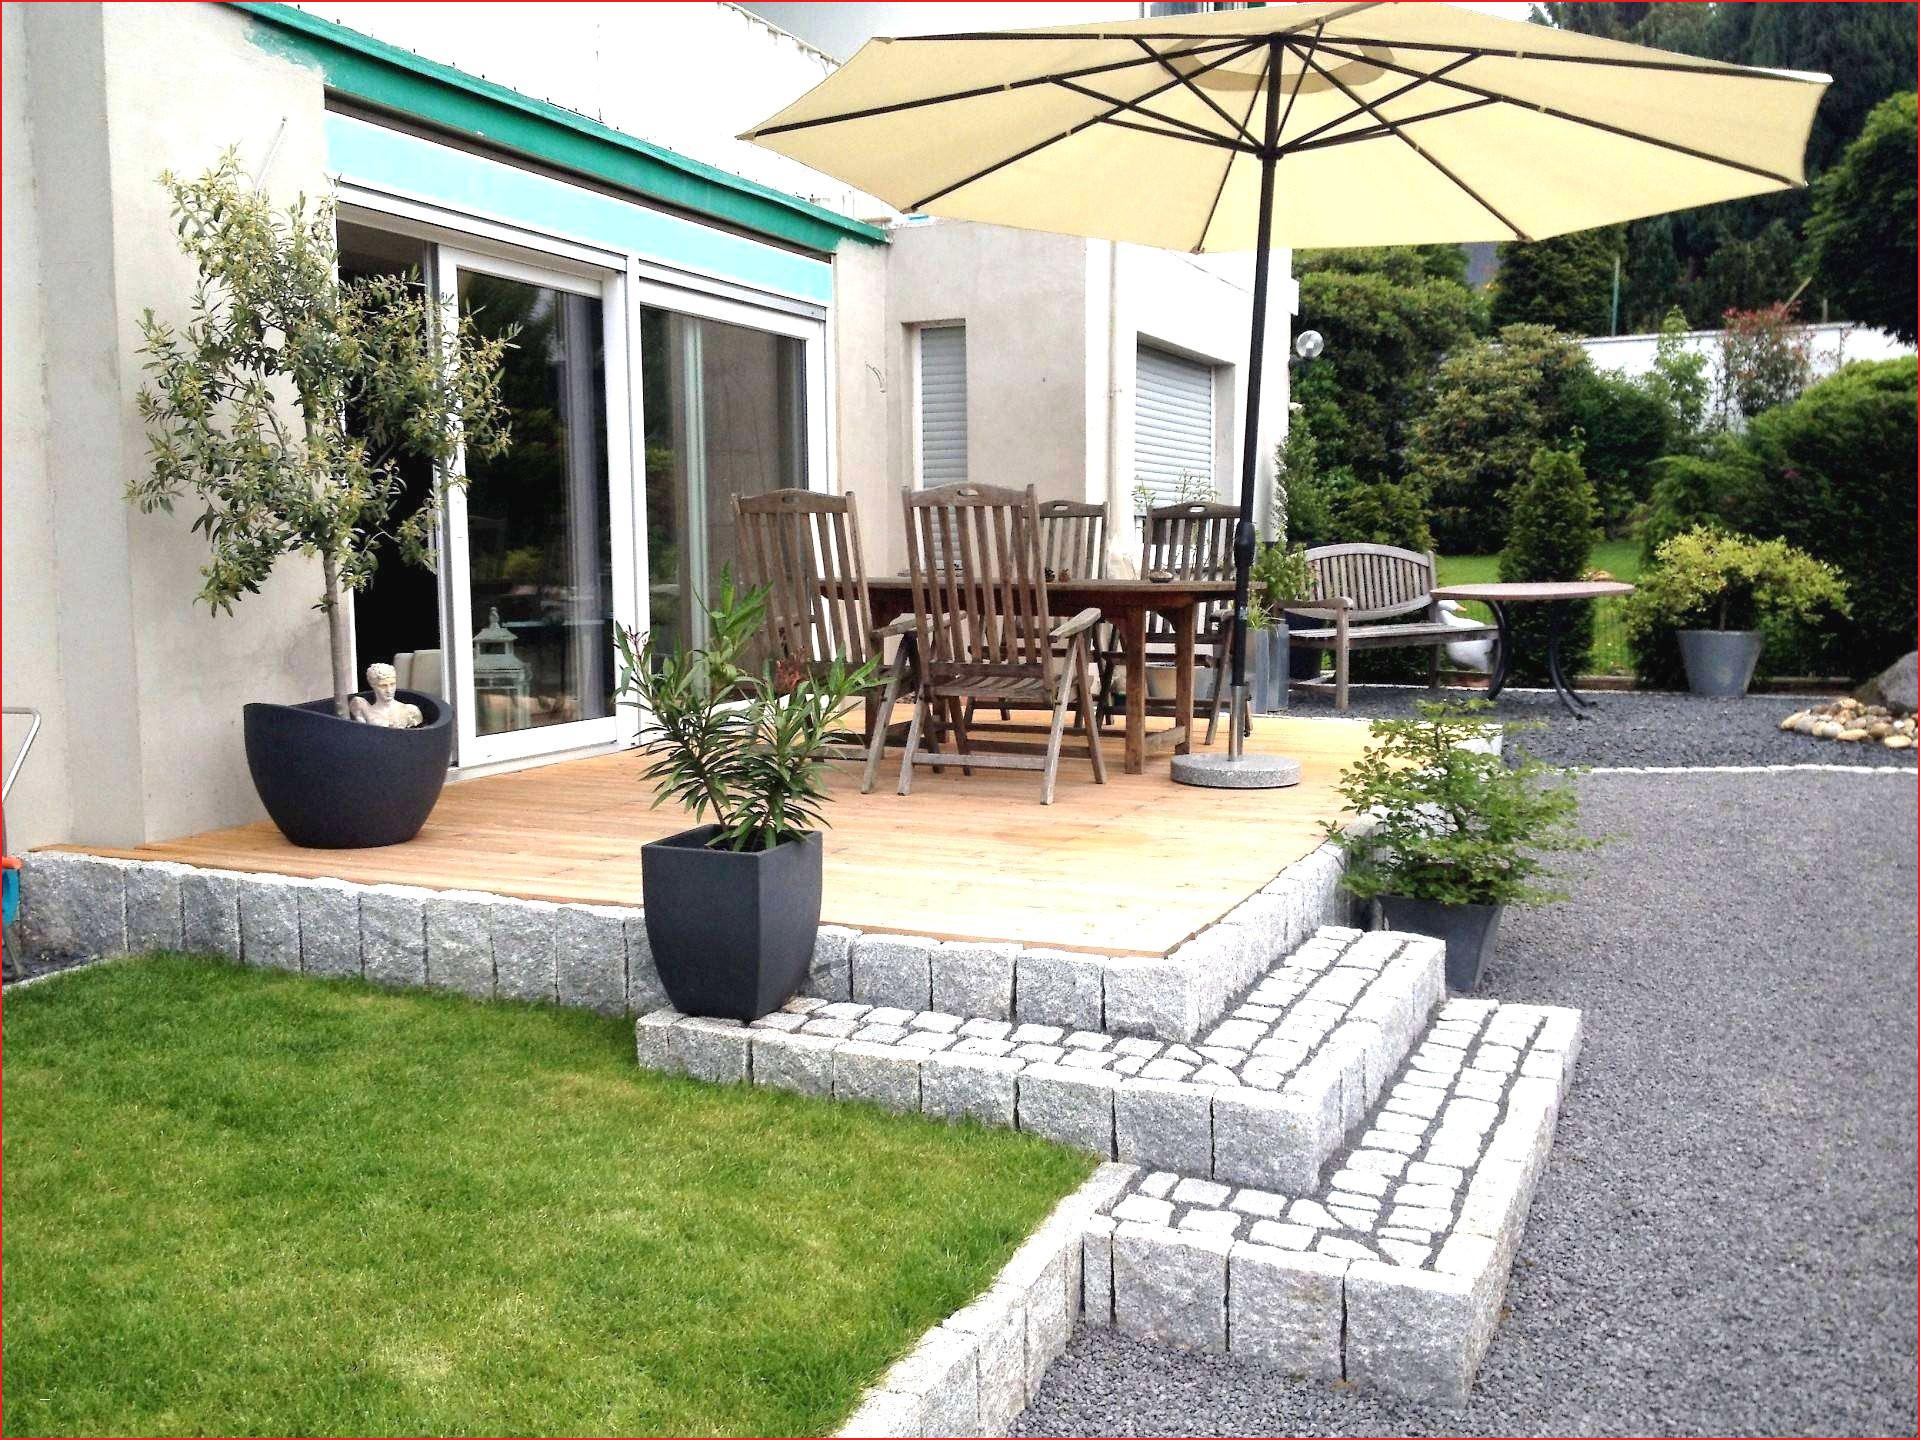 Fauteuil Terrasse Génial Ment Planifier Veranda Image De ... tout Salon De Jardin La Foir Fouille